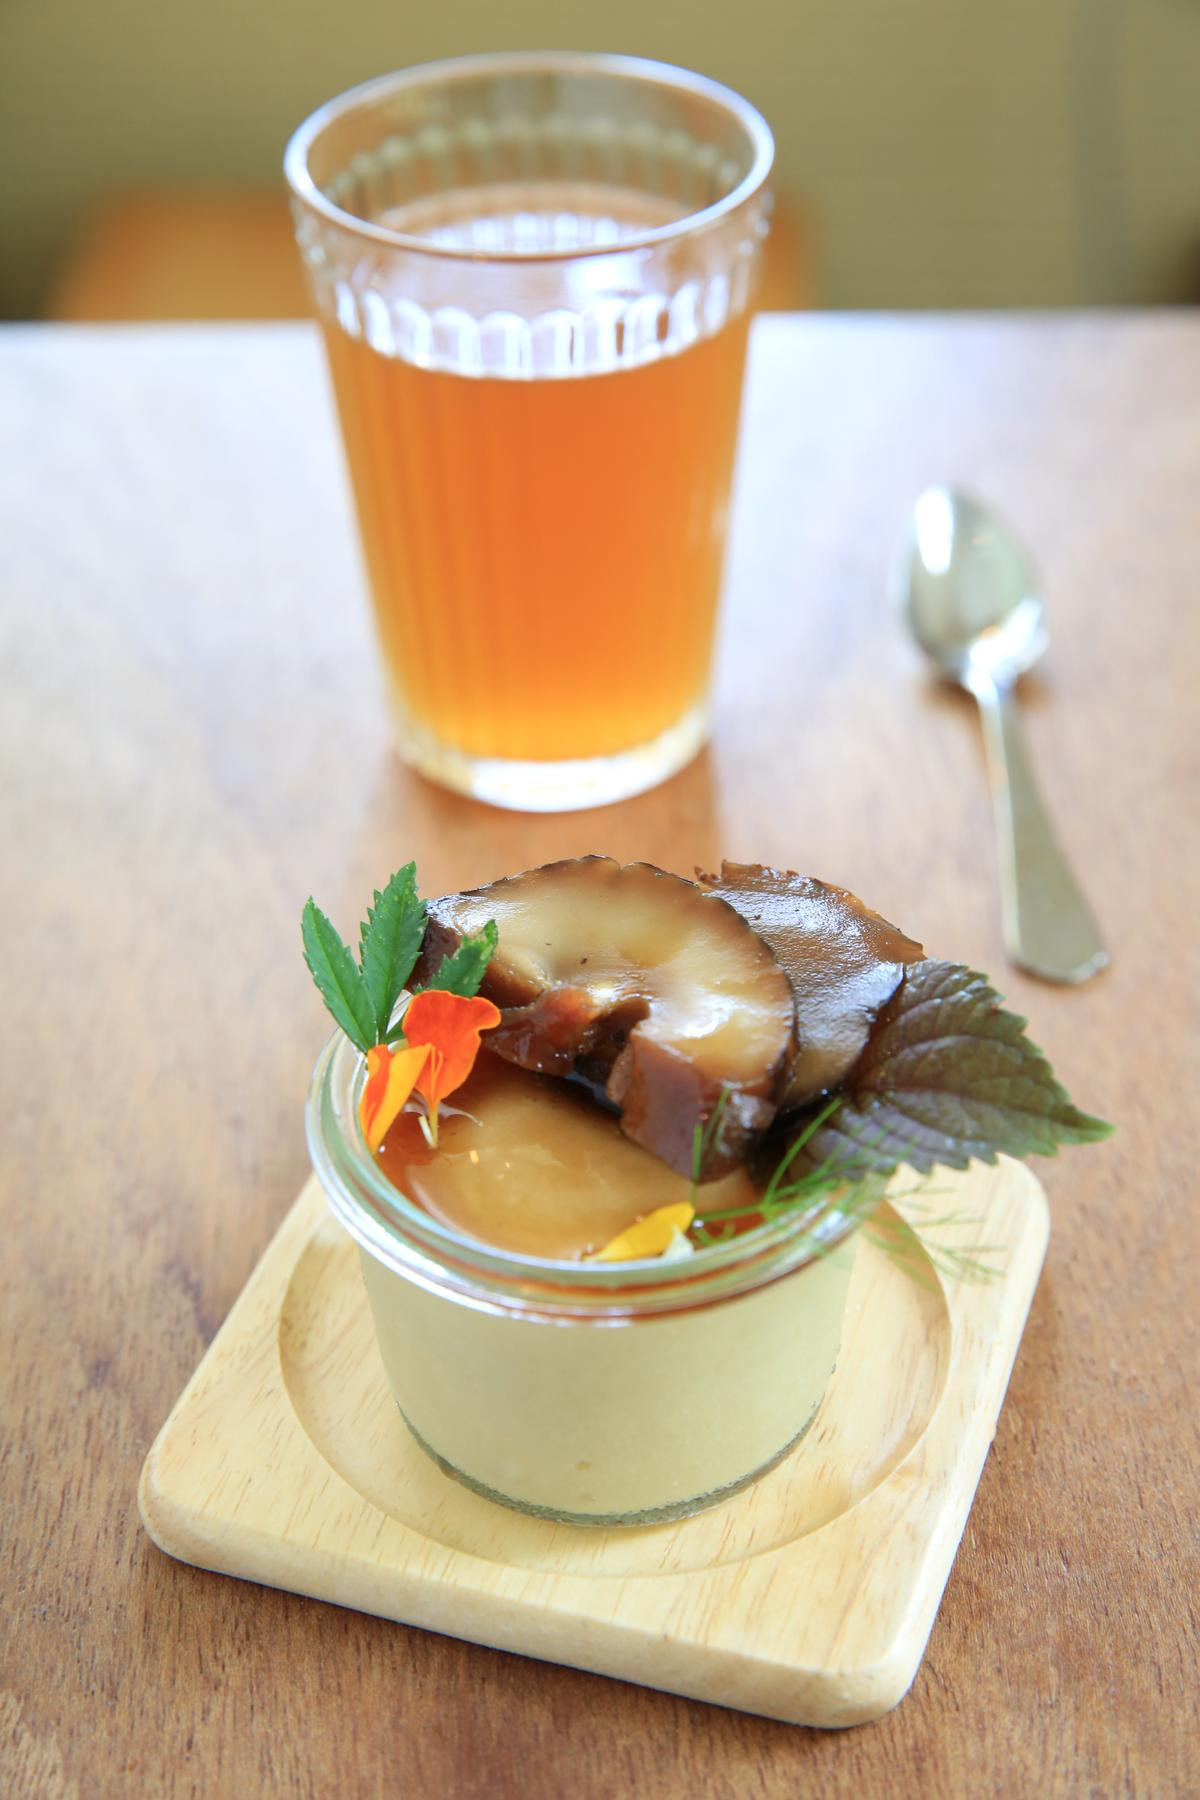 最後的甜點是豆漿布丁與冷發酵的昆布茶,布丁上還放了甜味的漬鮮菇。